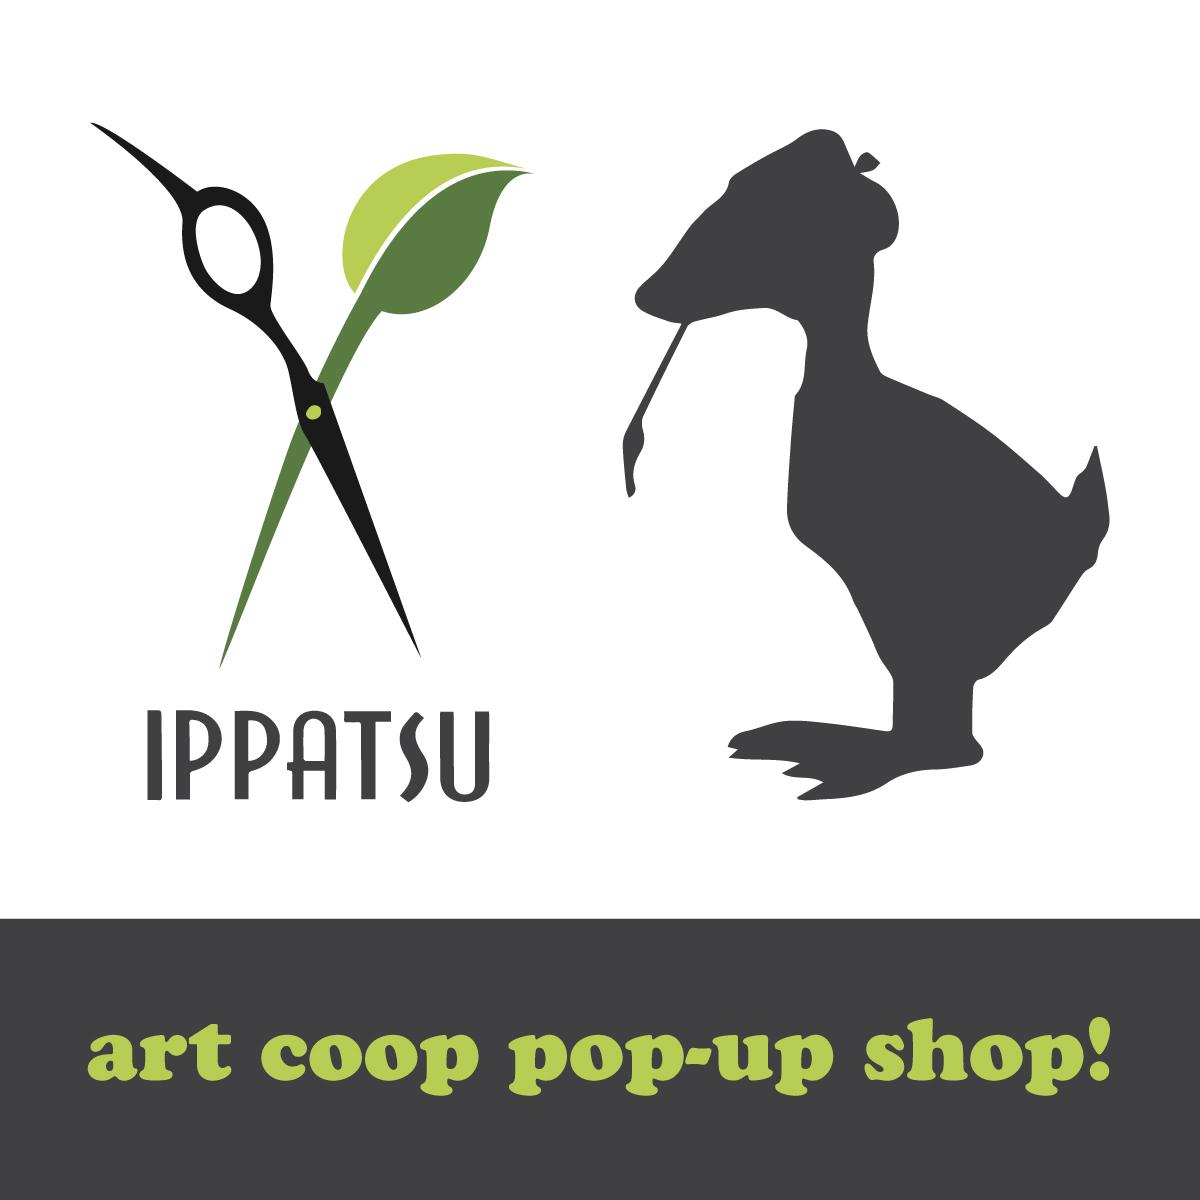 Ippatsu Pop-Up Shop Kit #4